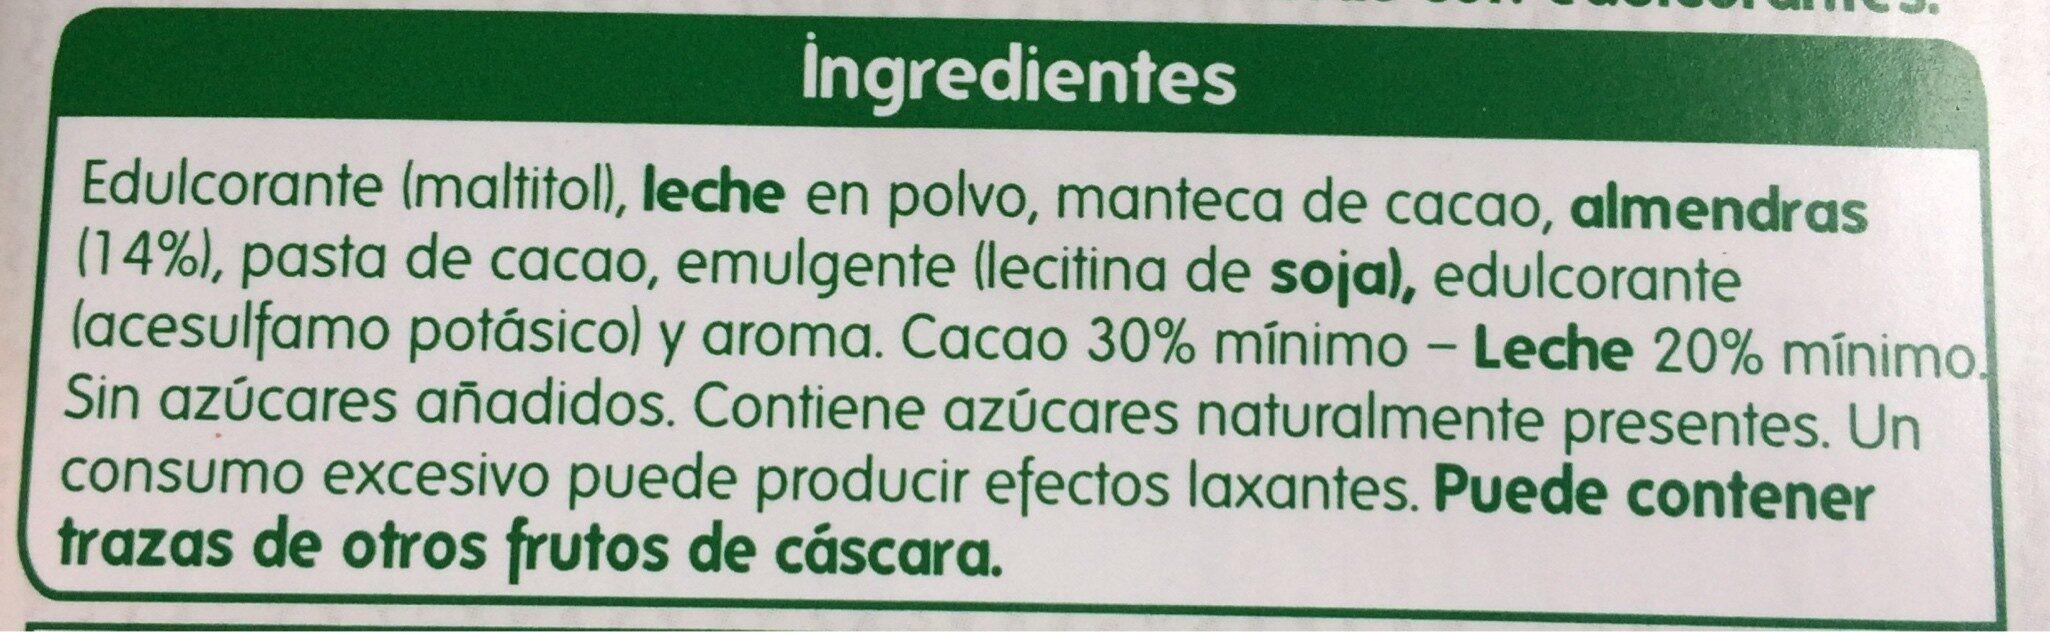 Chocolate con leche y almendras (sin azucares añadido) - Ingredients